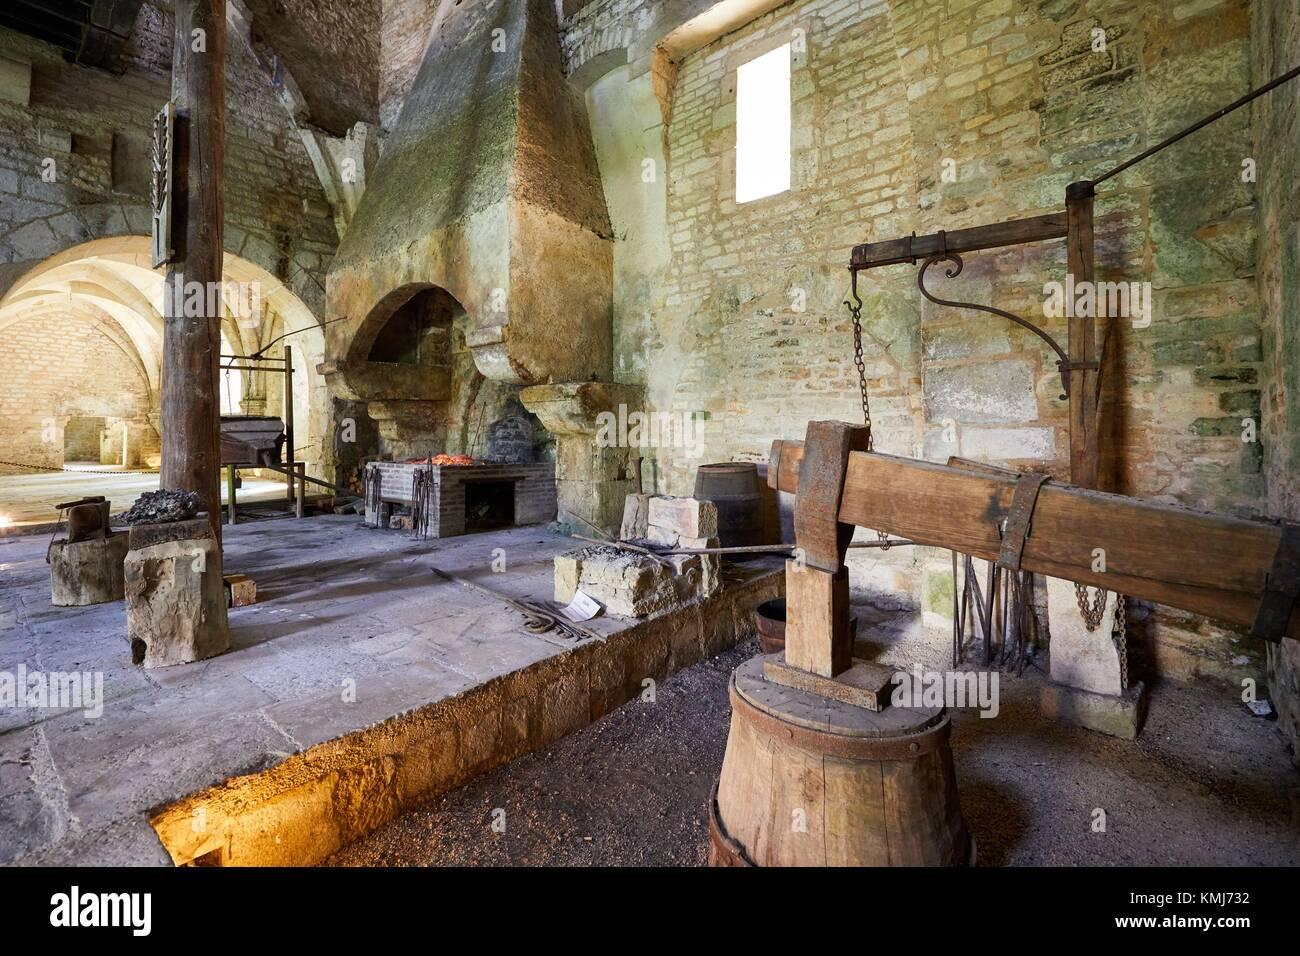 Martillo hidráulico, forja, Abbaye Royale de Notre Dame de Fontenay Fontenay abadía cisterciense, Montbard, Imagen De Stock